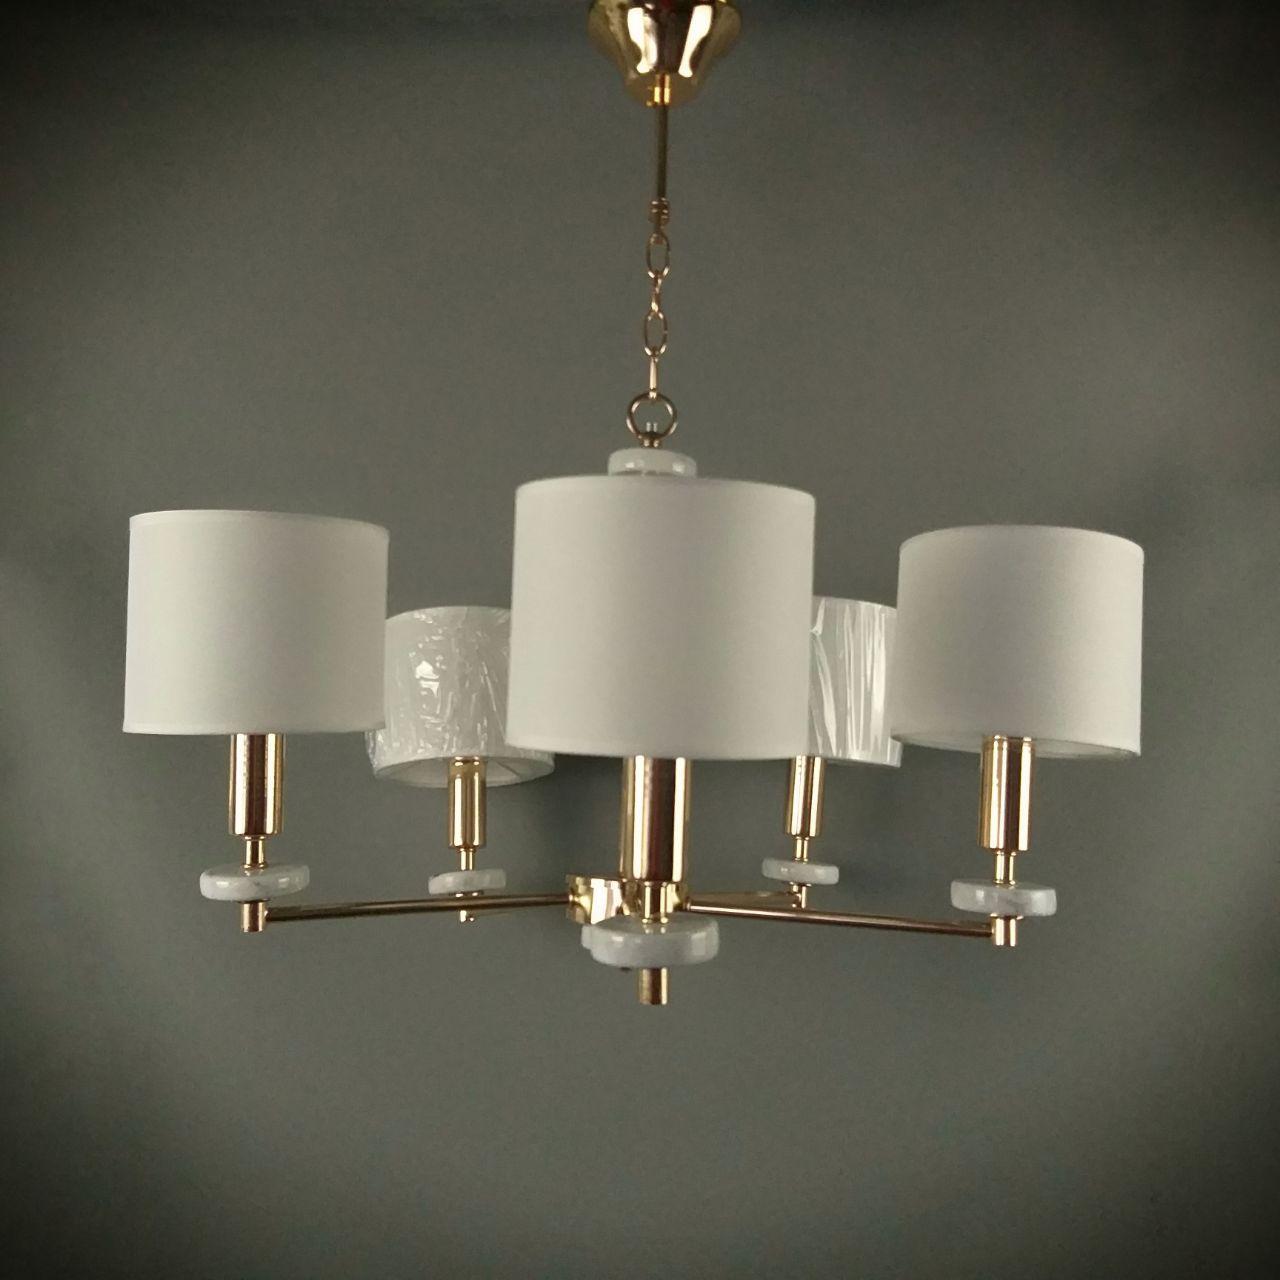 Люстра подвесная на 5 ламп 06-S139/5 FGD+WT(2шт)ТК